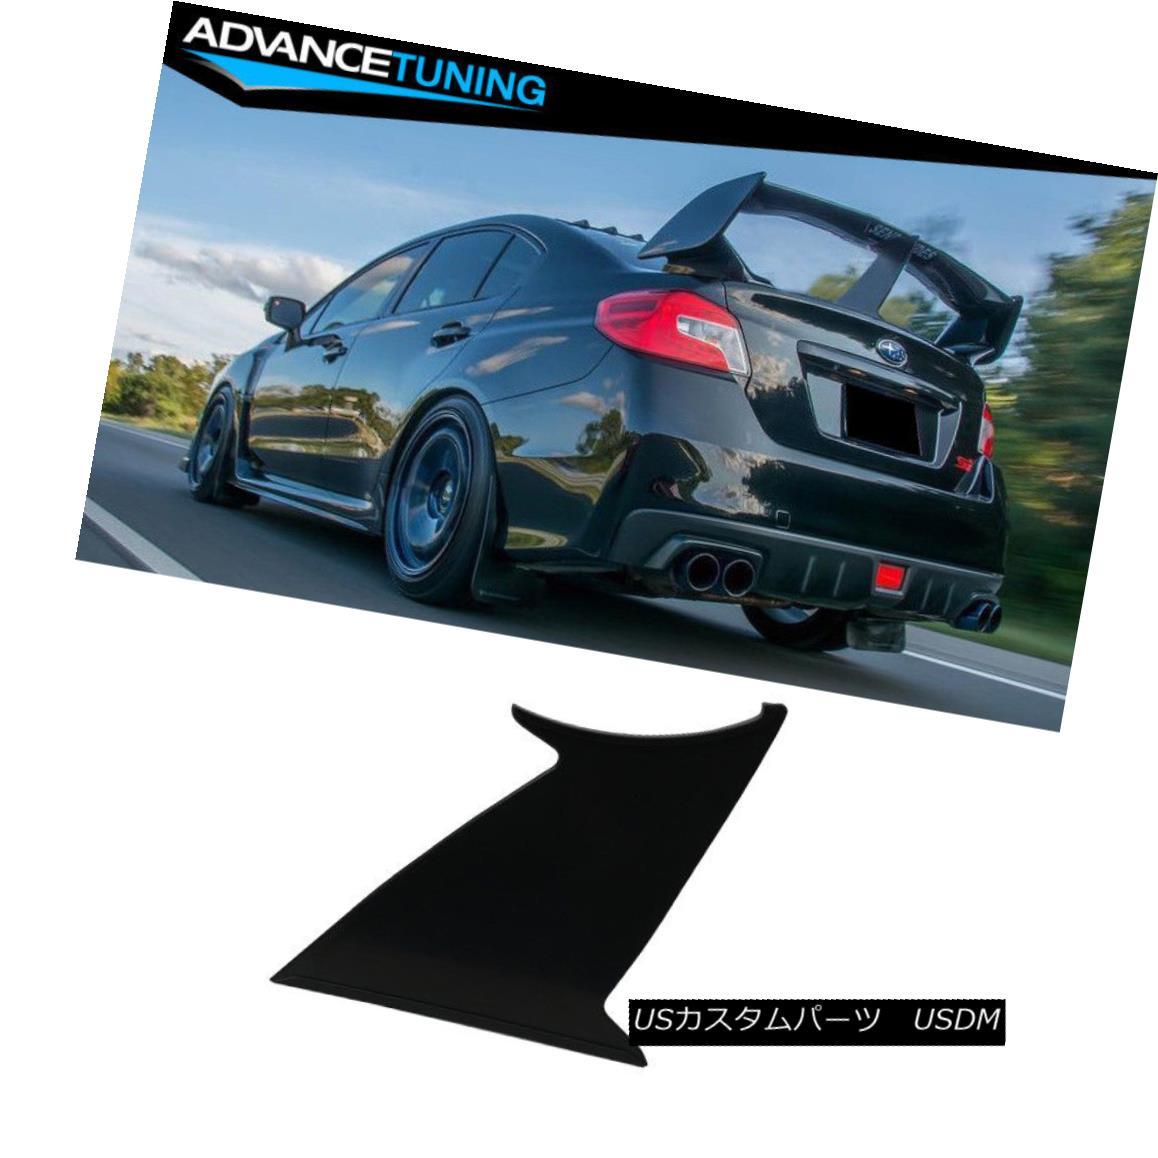 エアロパーツ 1PC Fits 15-18 Subaru WRX STI ABS Trunk Spoiler Wing Stabilizer Support Add On 1PC 15-18スバルWRX STI ABSトランク・スポイラーウィング・スタビライザー・サポートの追加